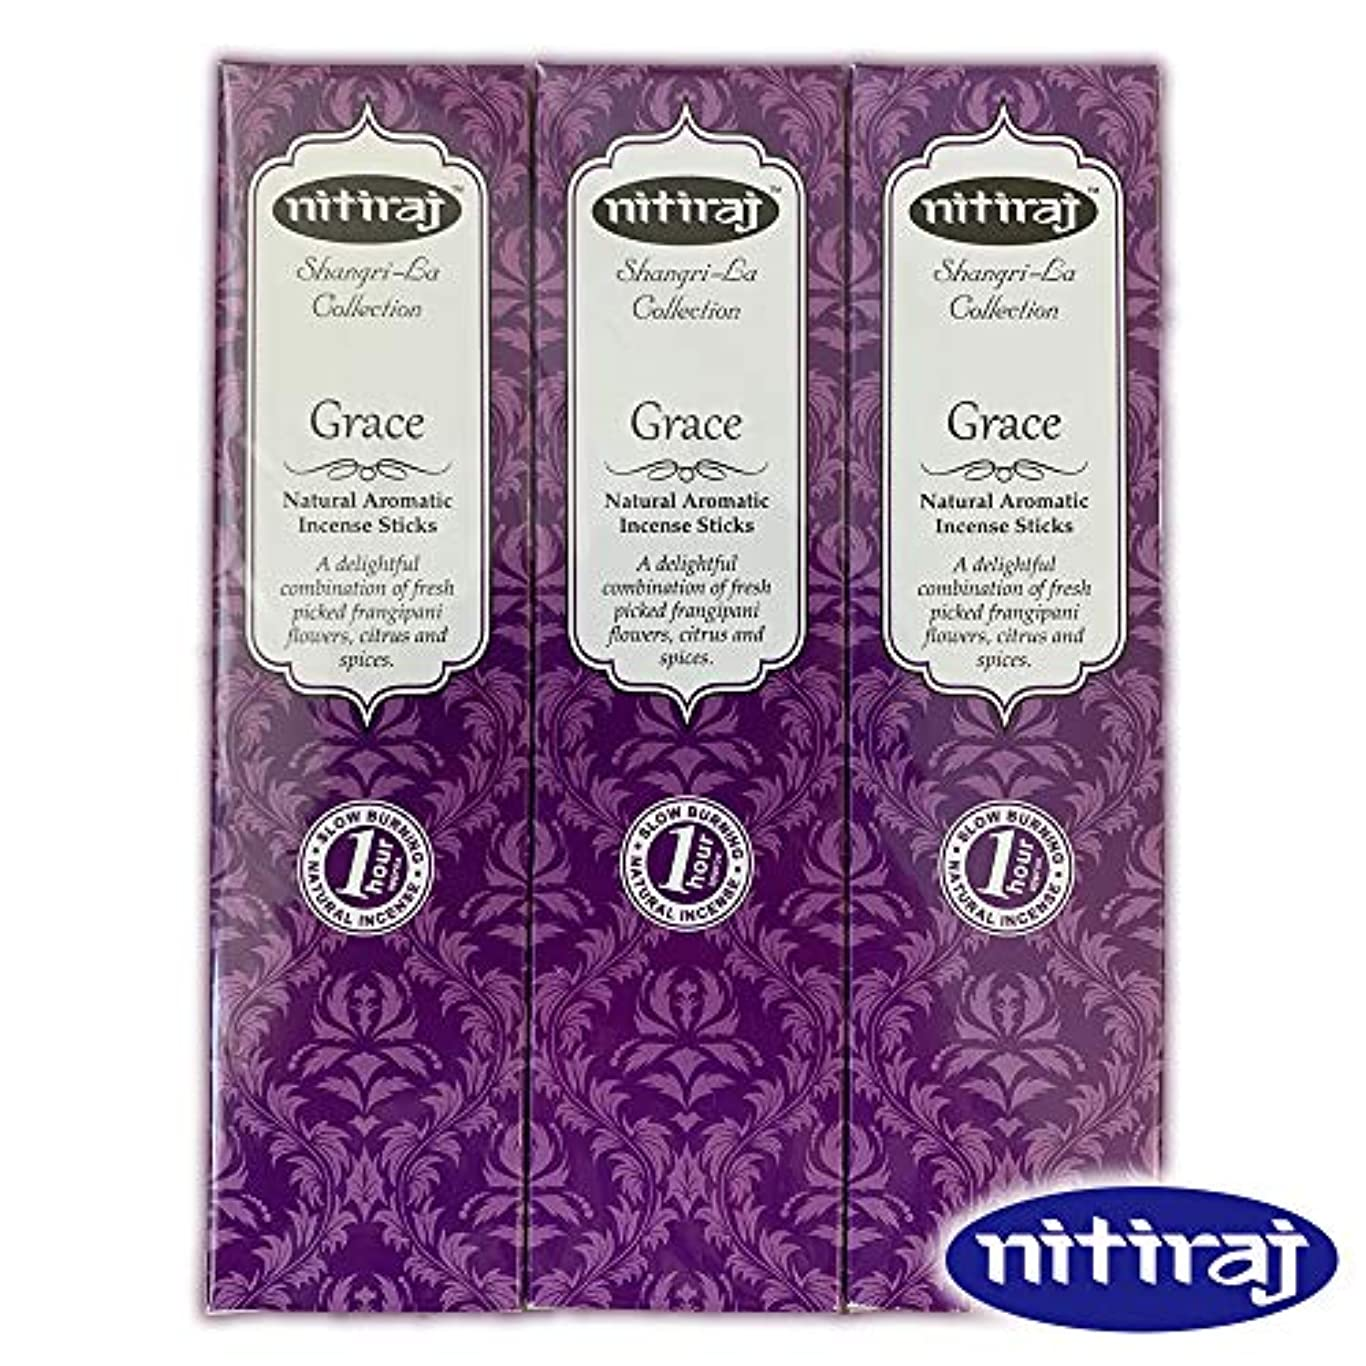 有毒な農場麦芽お香 アロマインセンス Nitiraj(ニティラジ)Grace(気品) 3箱セット(30本/1箱10本入り)100%天然素材